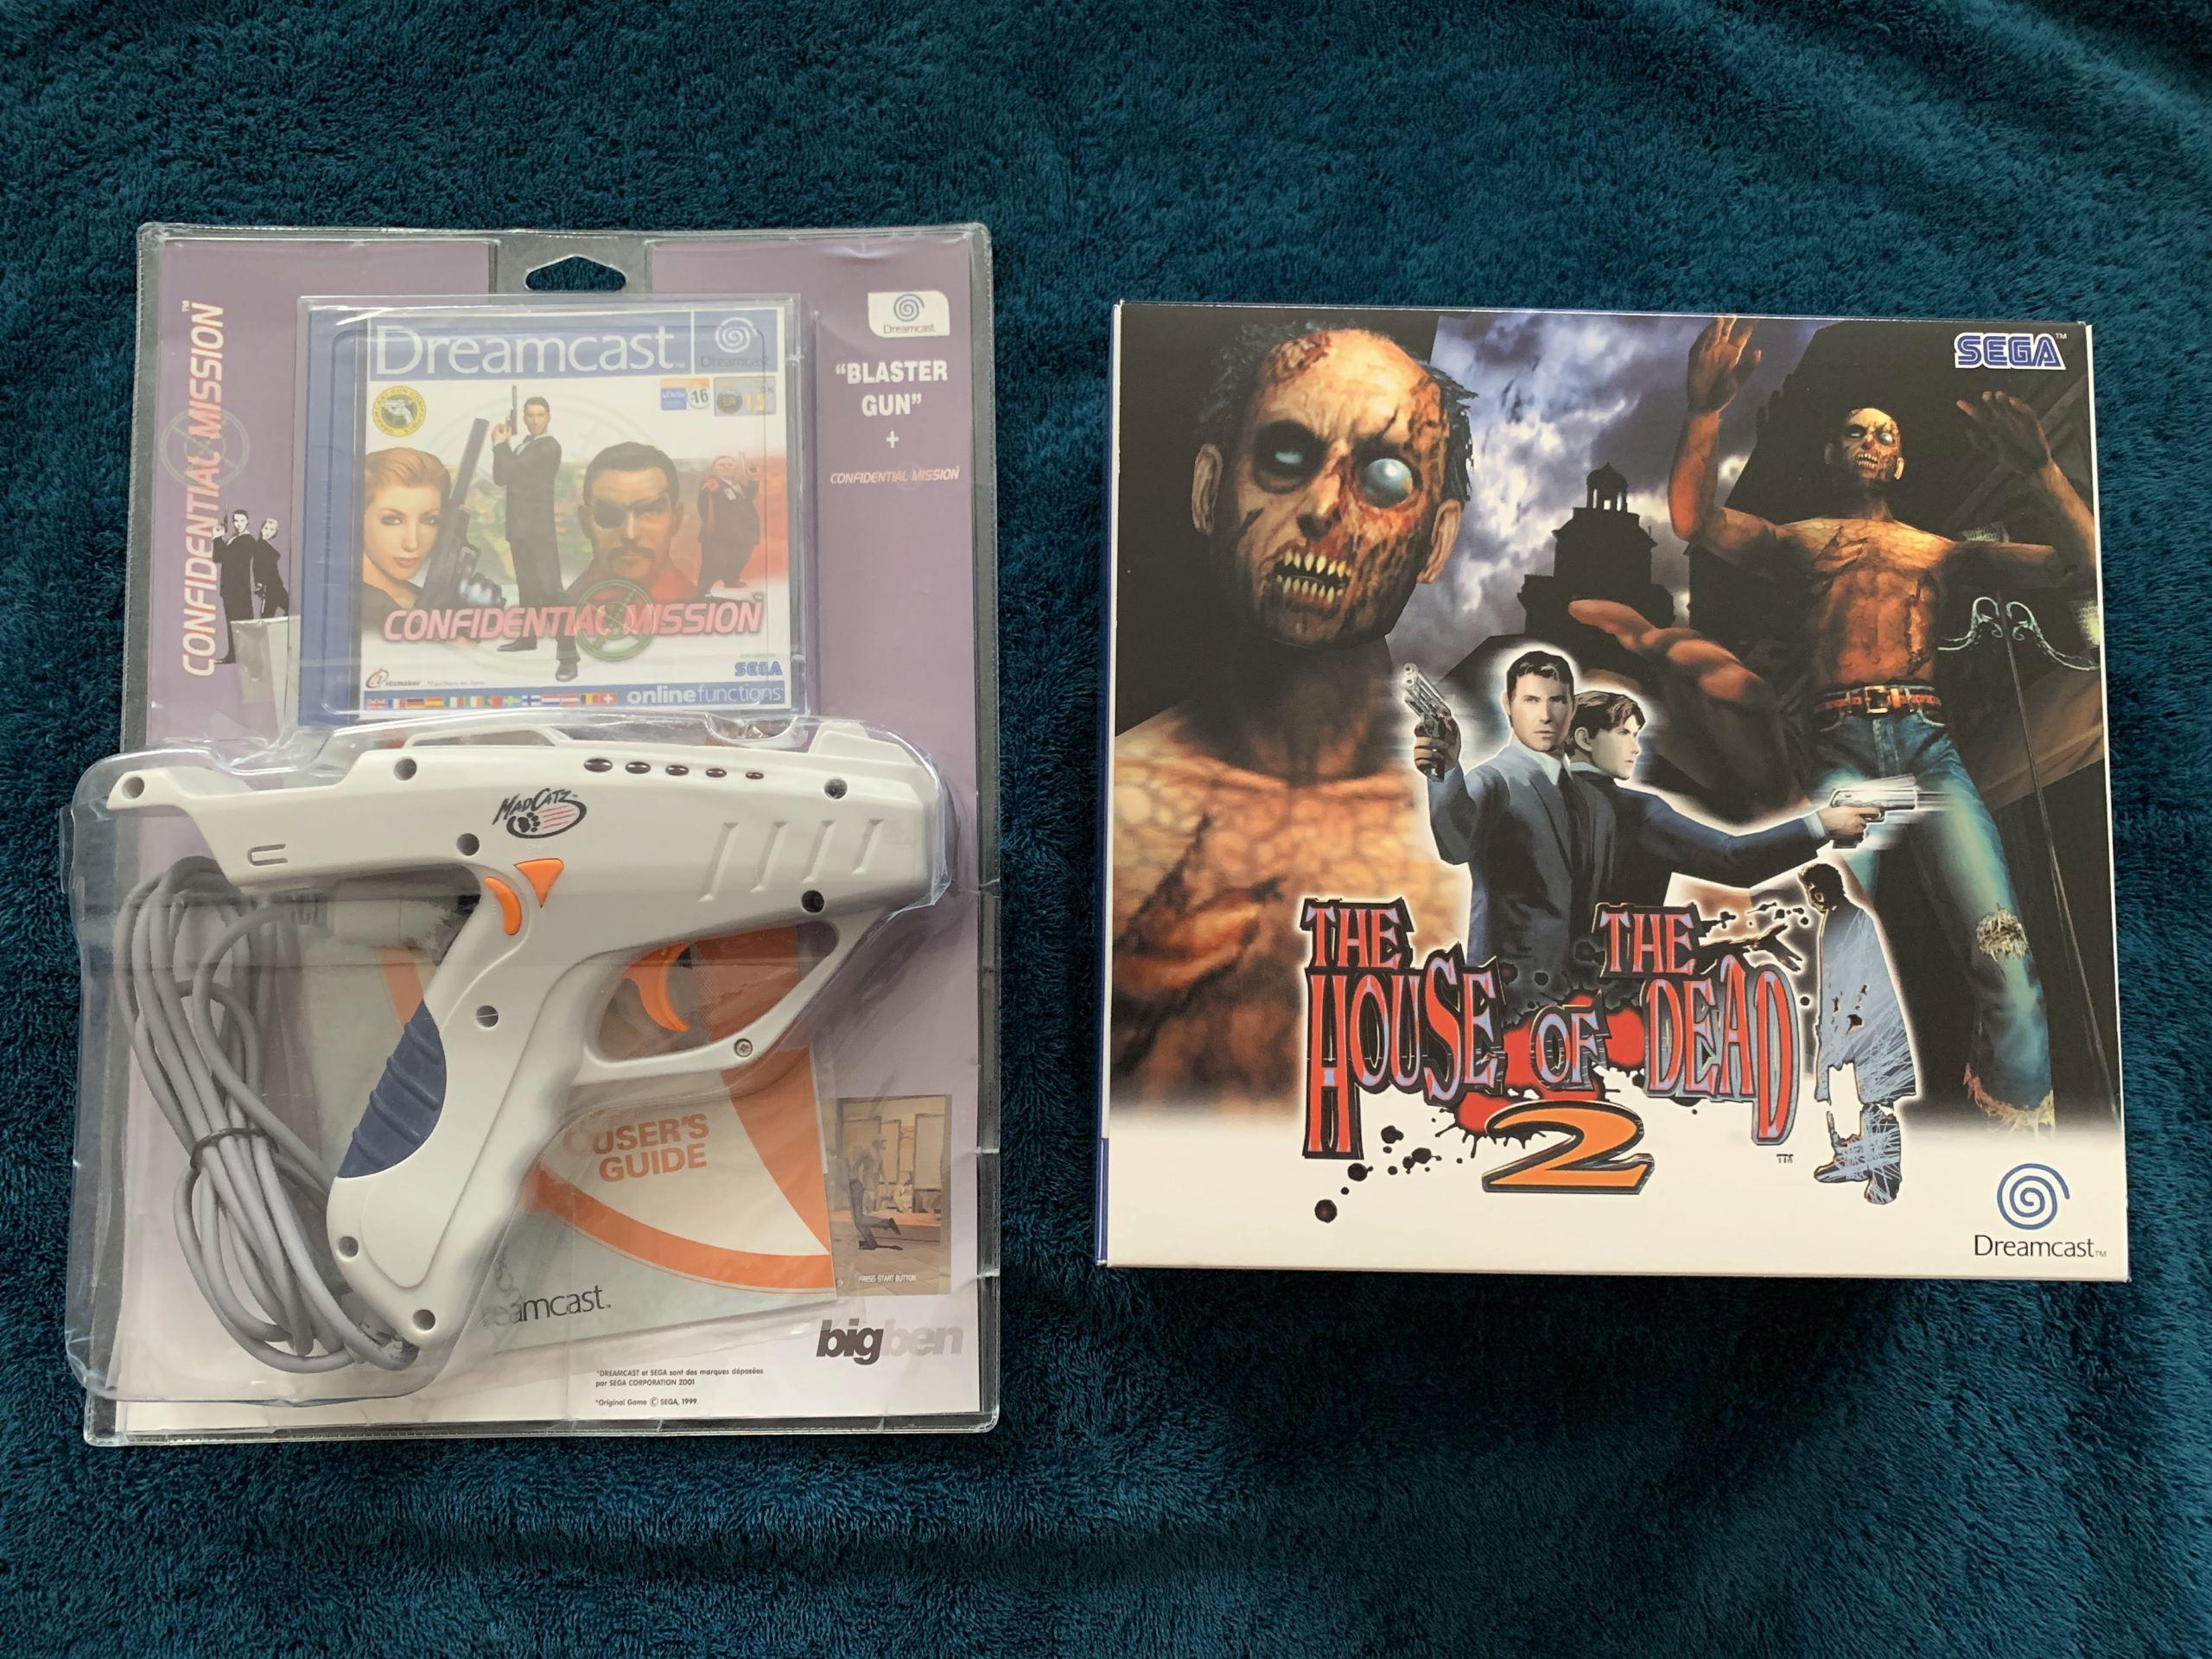 [VENDU] Fullset Jeux Dreamcast, Accessoires, Promo, Rigides... - 350 pièces - NEUF SOUS BLISTER 035_pa10